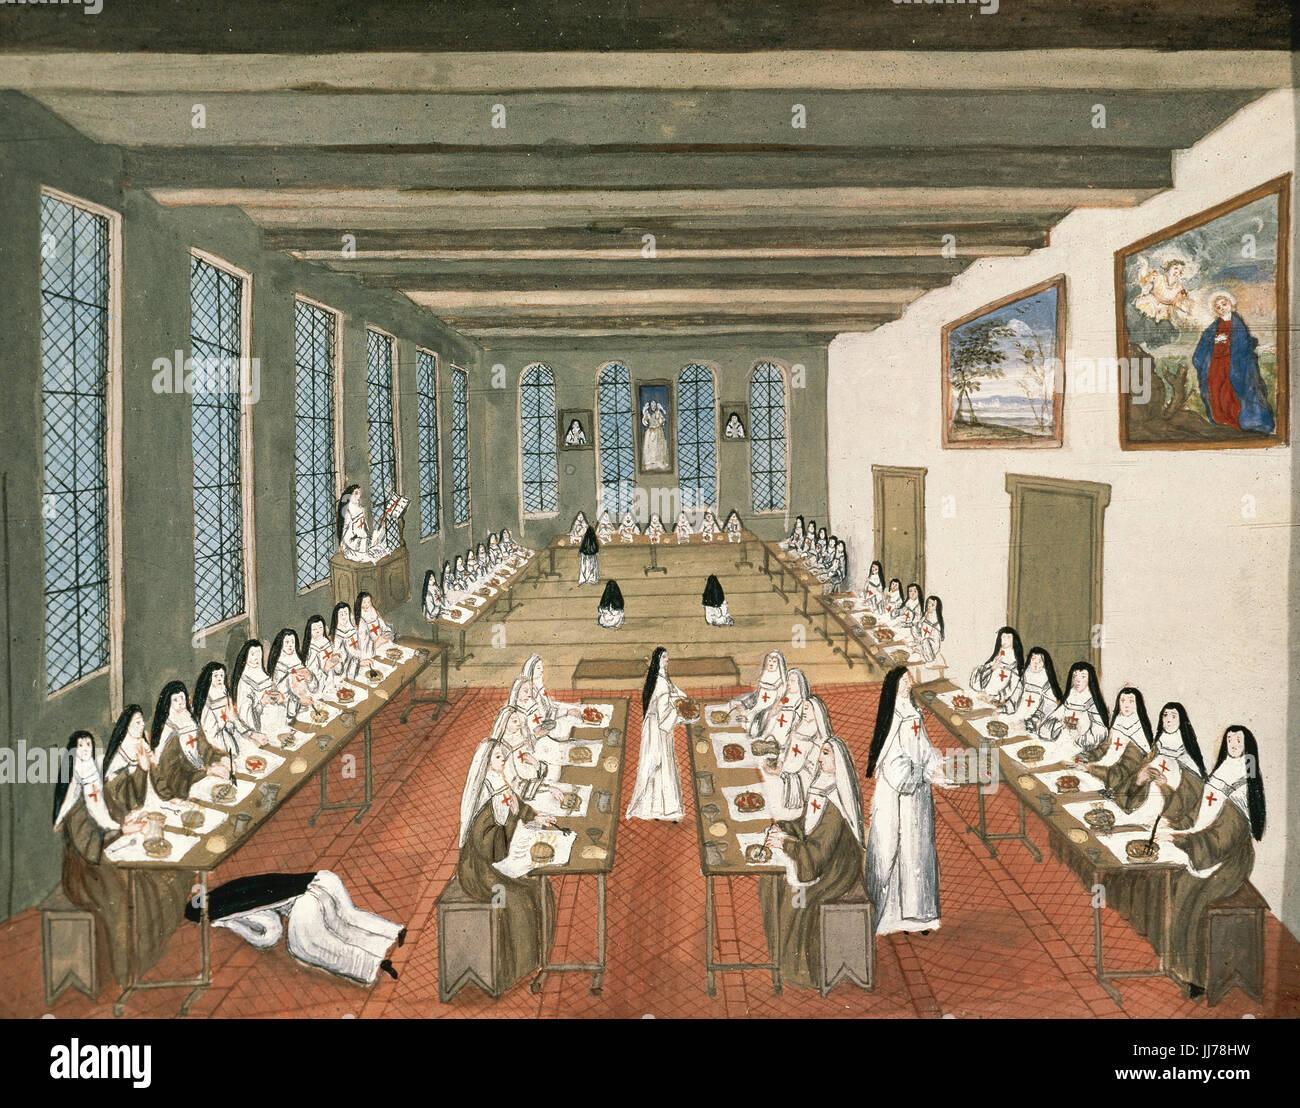 Abbaye de Port-Royal des Champs. Monastère cistercien féminin du jansénisme diffuseur. Le réfectoire. La peinture Banque D'Images